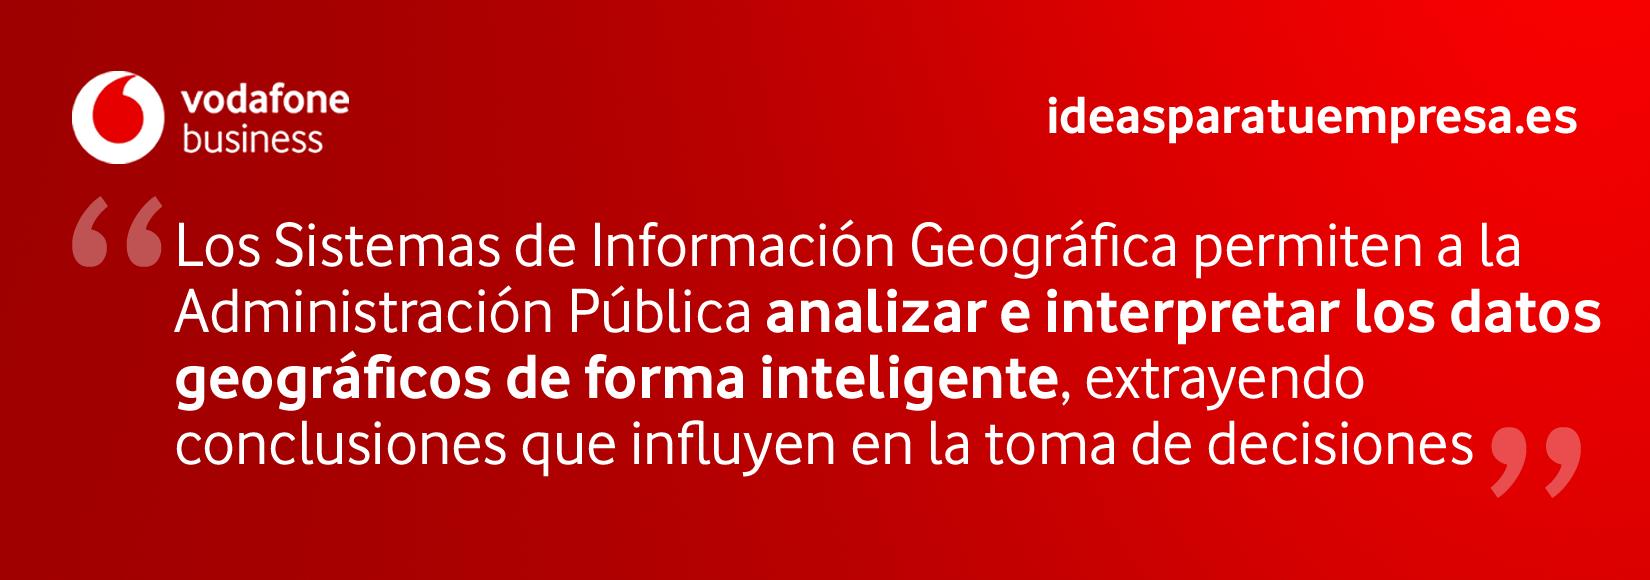 Quote Sistemas Información Geográfica